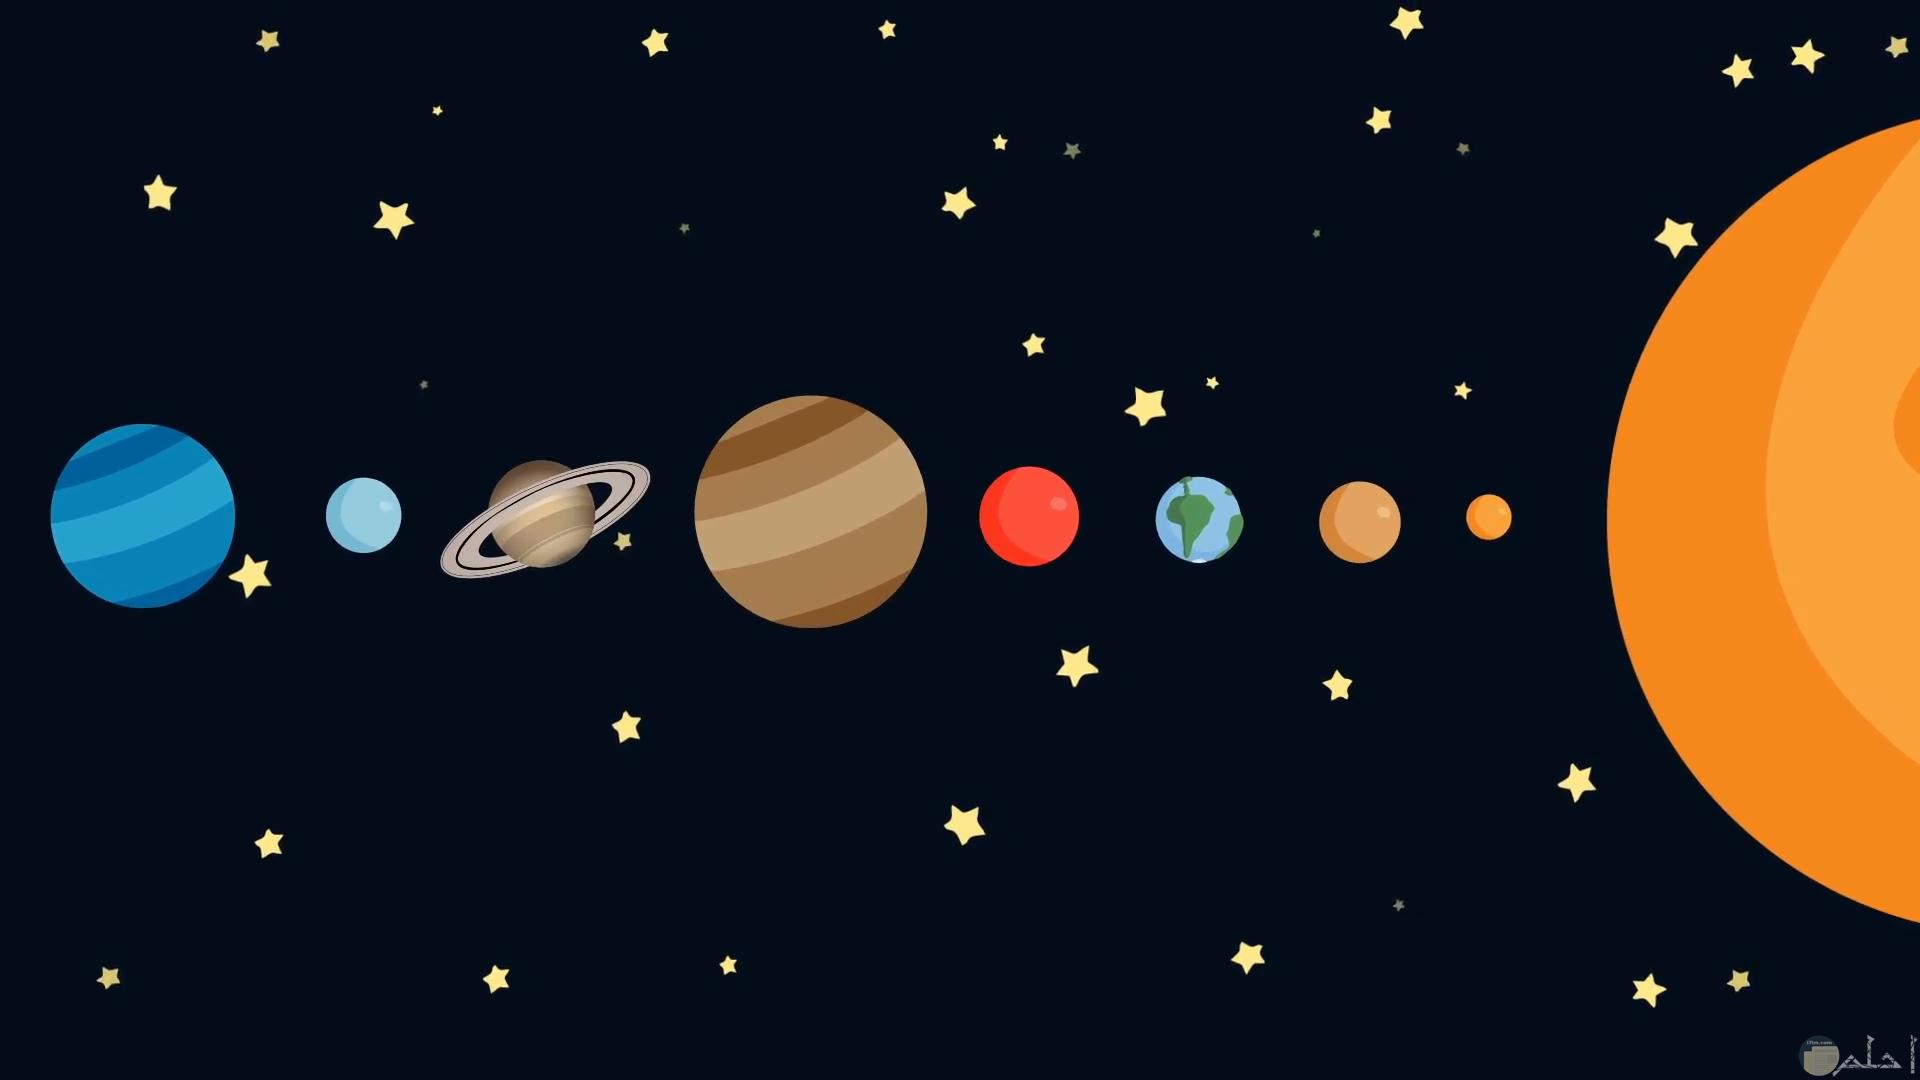 شكل كواكب المجموعة الشمسية بشكل كرتوني للأطفال